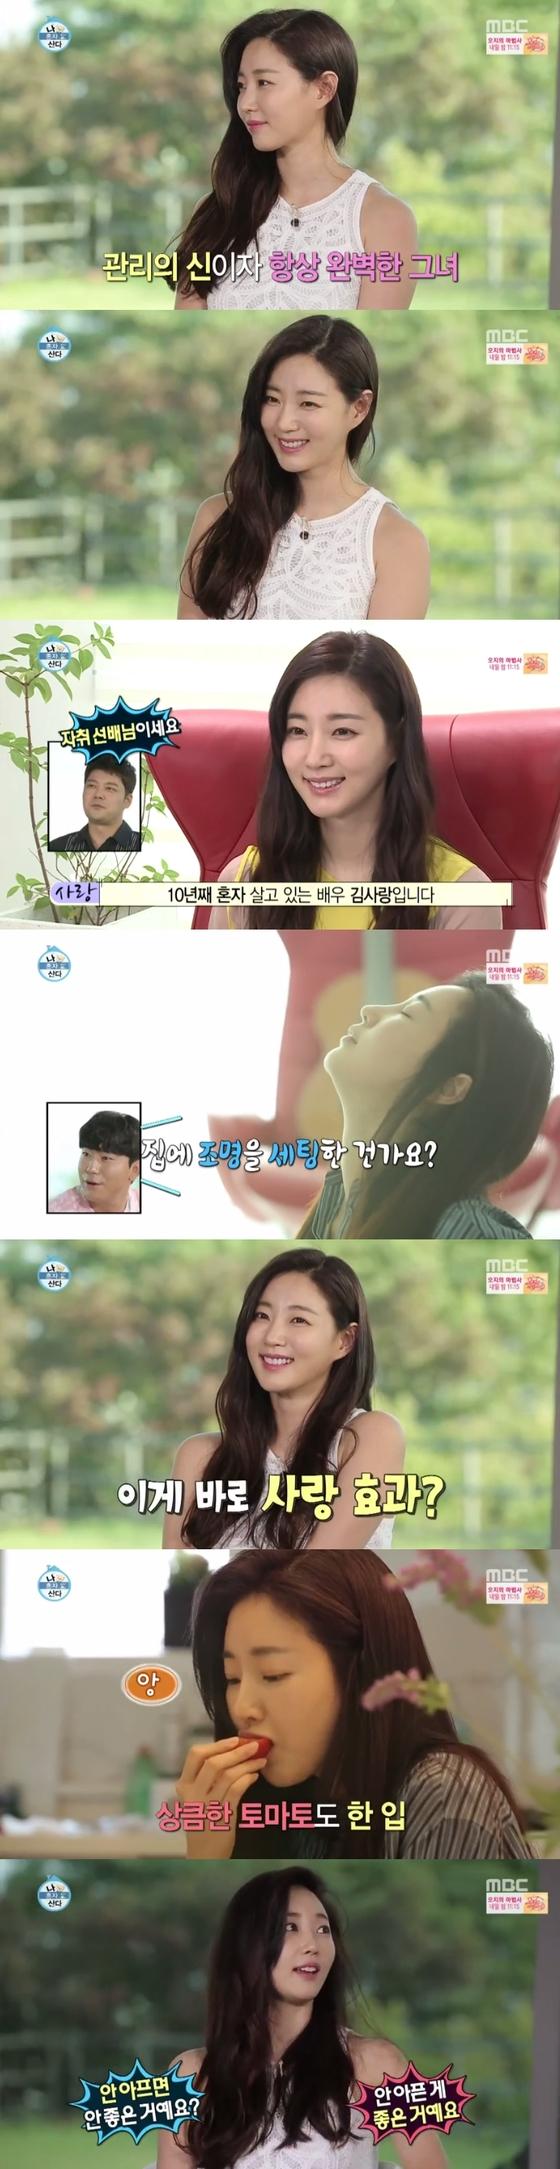 """'나혼자산다' 김사랑, 이 미모 실화? """"사랑해요""""(ft.미담 시언) [종합]"""